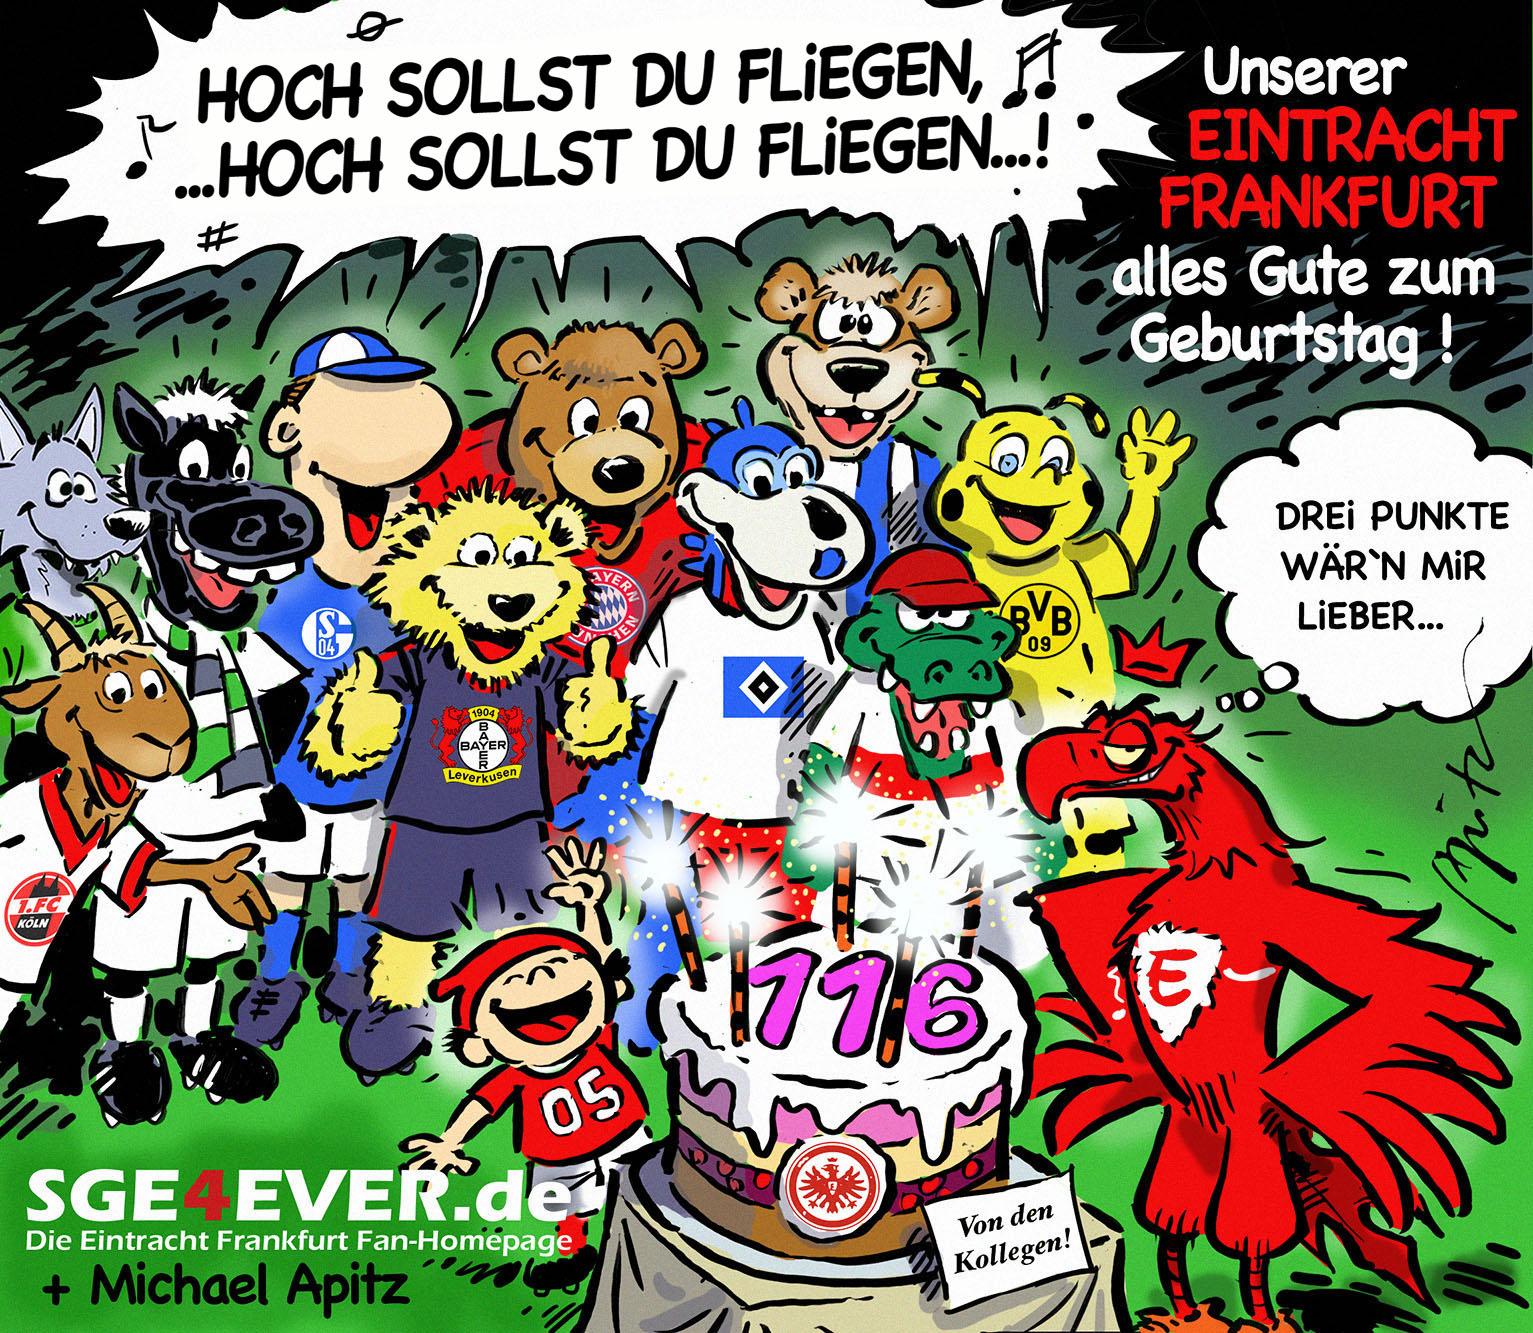 Happy Birthday Eintracht Frankfurt Sge4everde Das